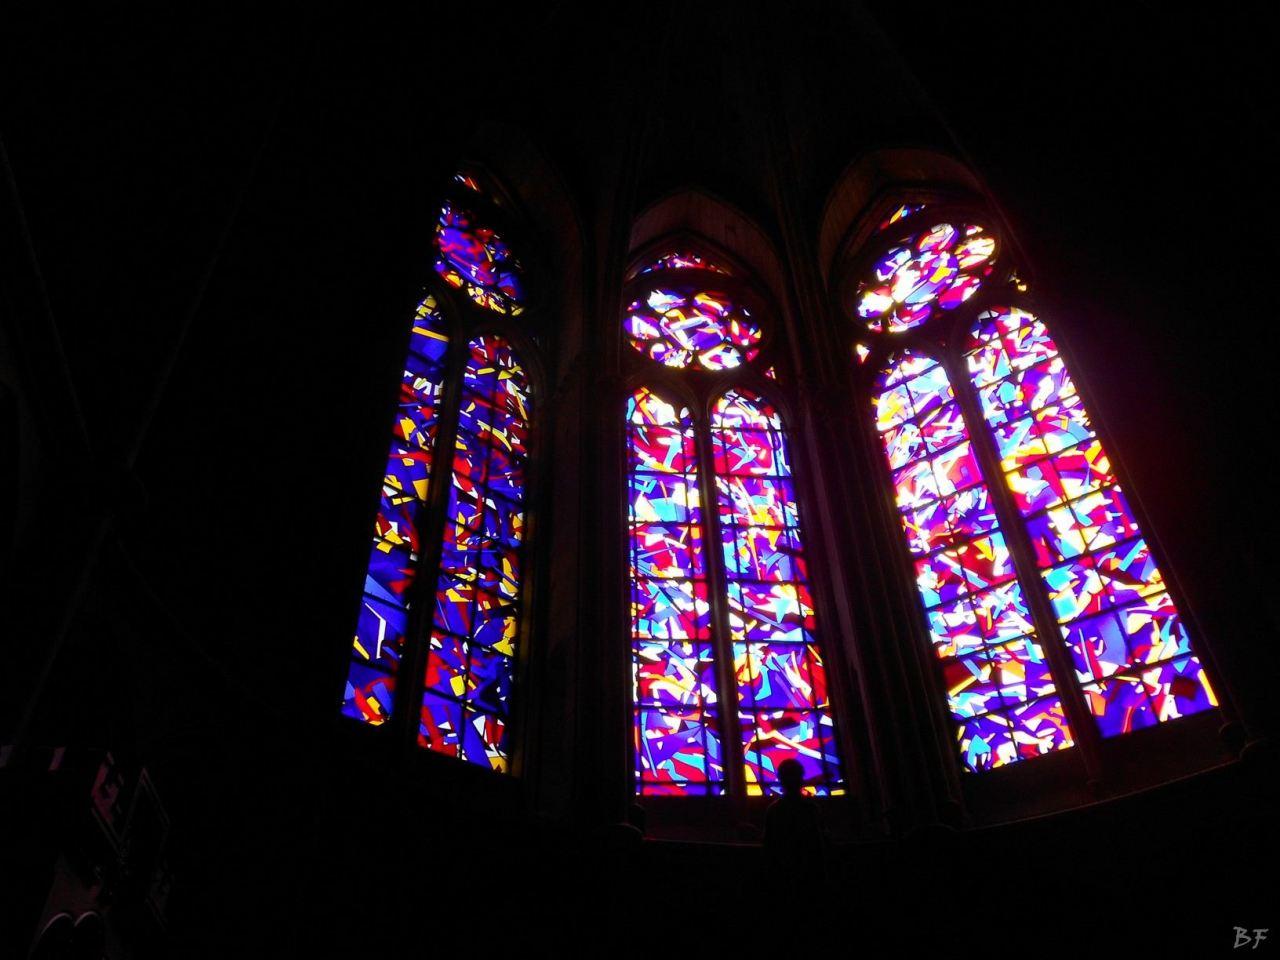 Cattedrale-Gotica-della-Vergine-di-Reims-Marne-Gran-Est-Francia-21